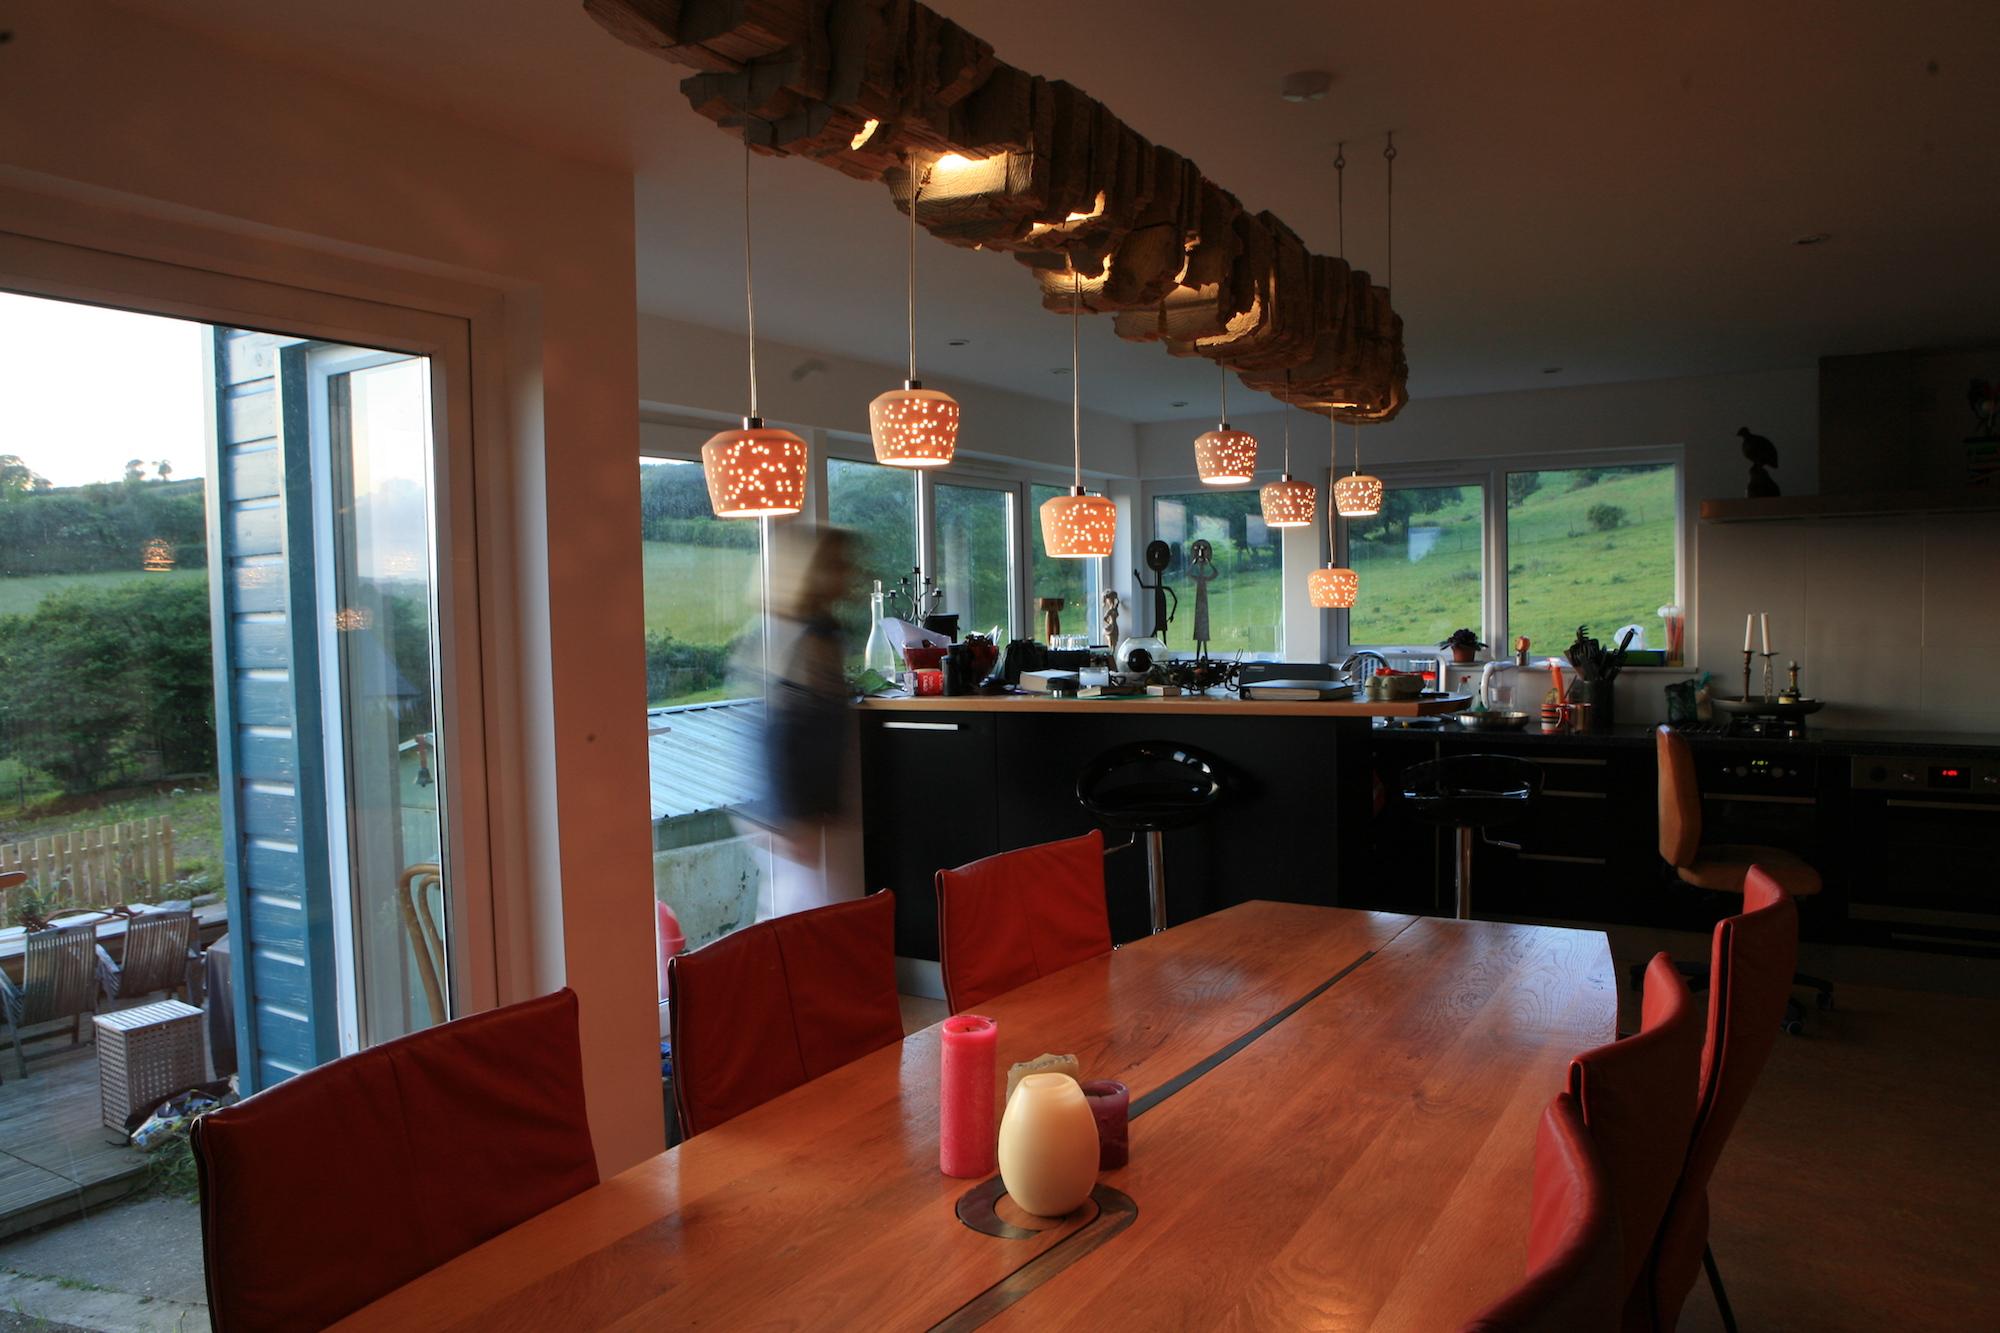 eleanor-bell-designer-maker-bespoke-lighting-sleeper-light-dining-room.jpg